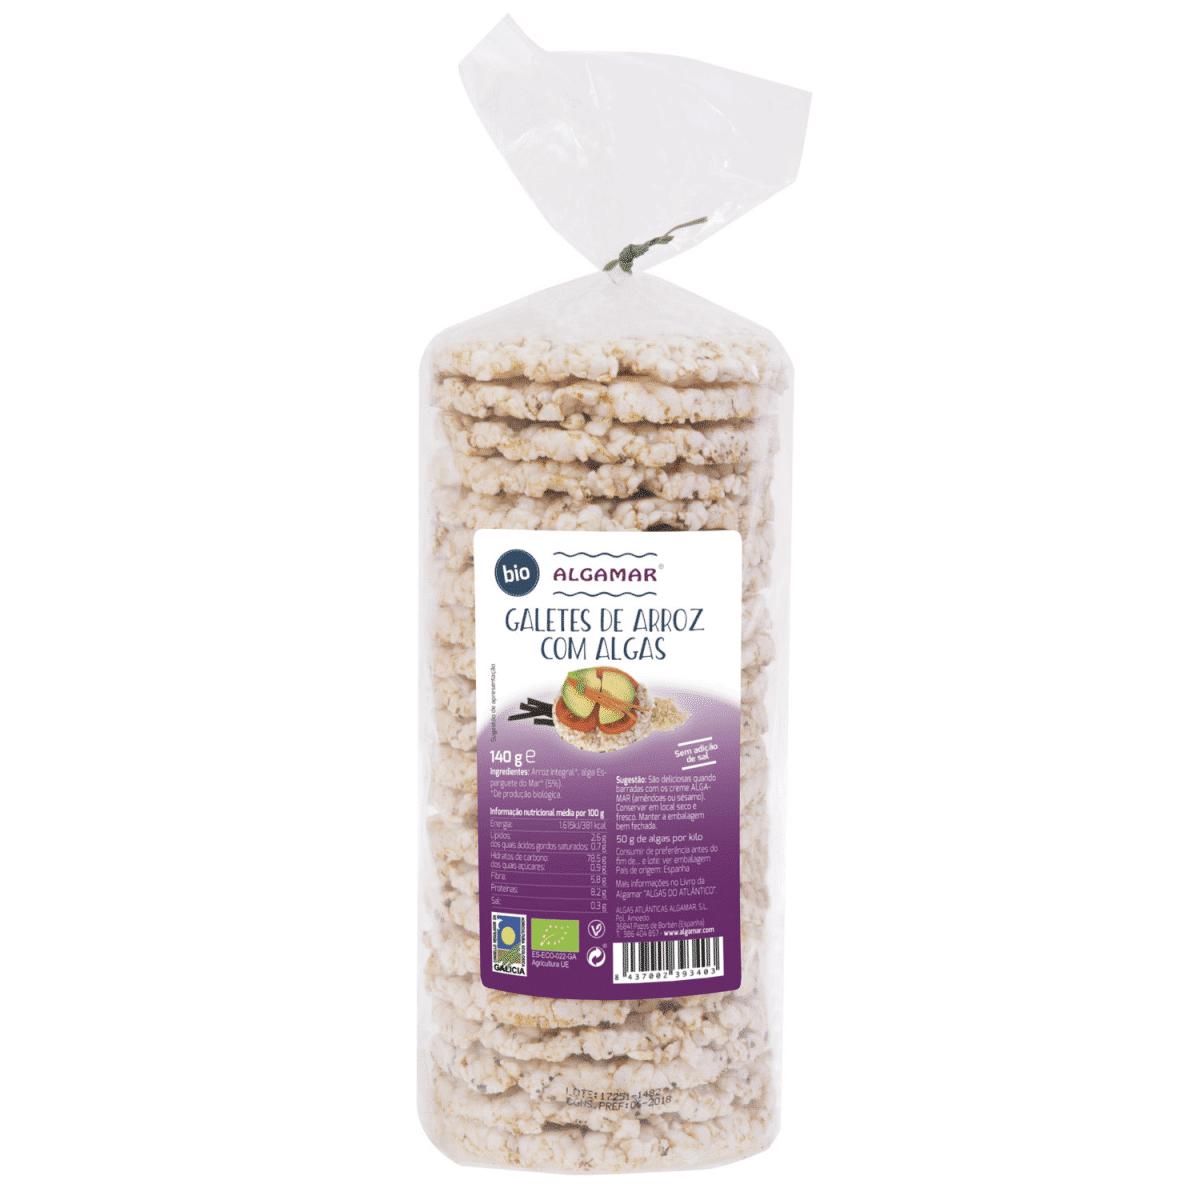 galetes de arroz com algas algamar